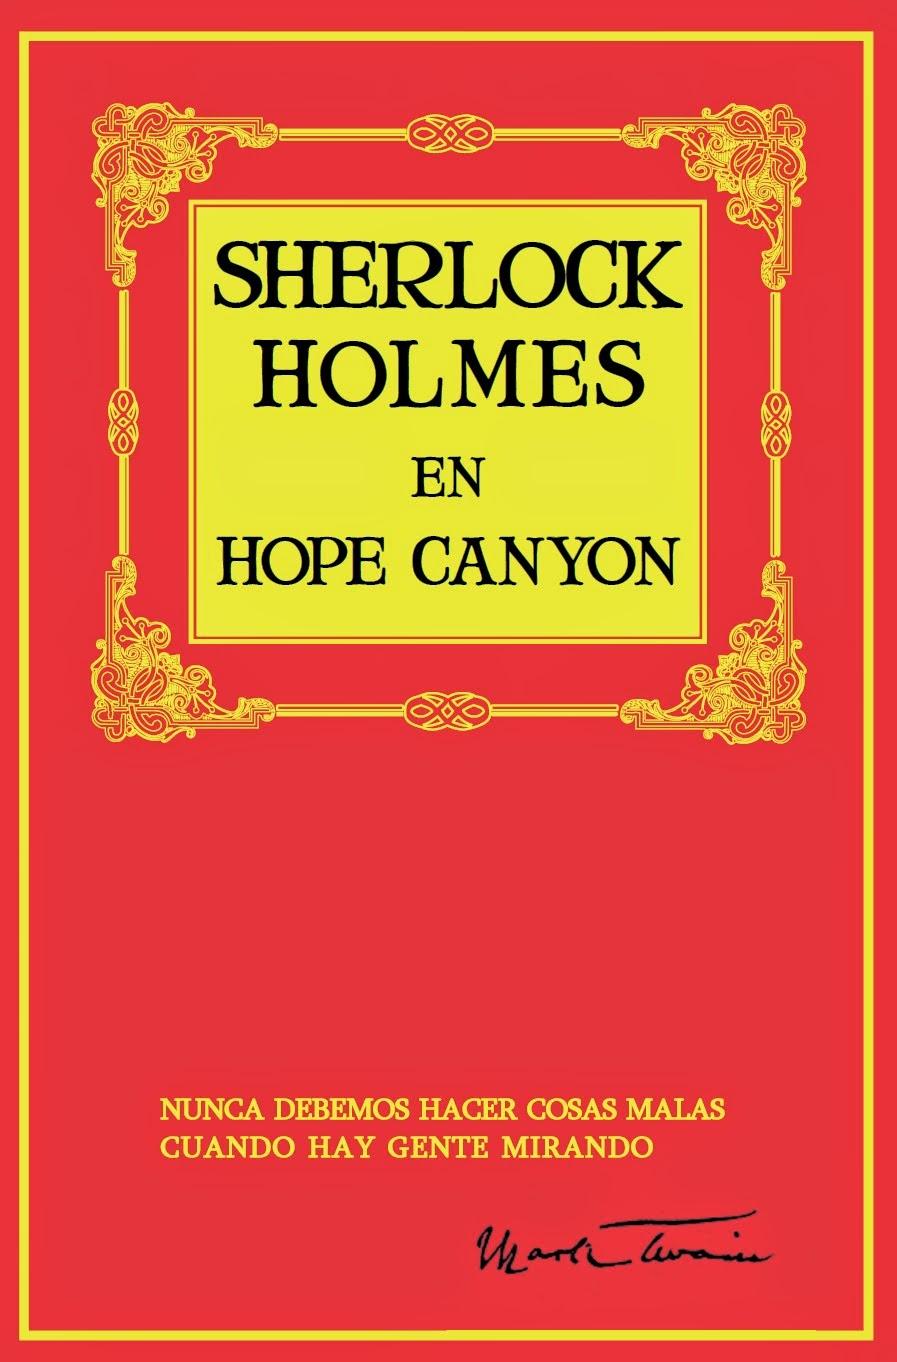 SHERLOCK HOLMES EN HOPE CANYON, por Mark Twain. 12 euros